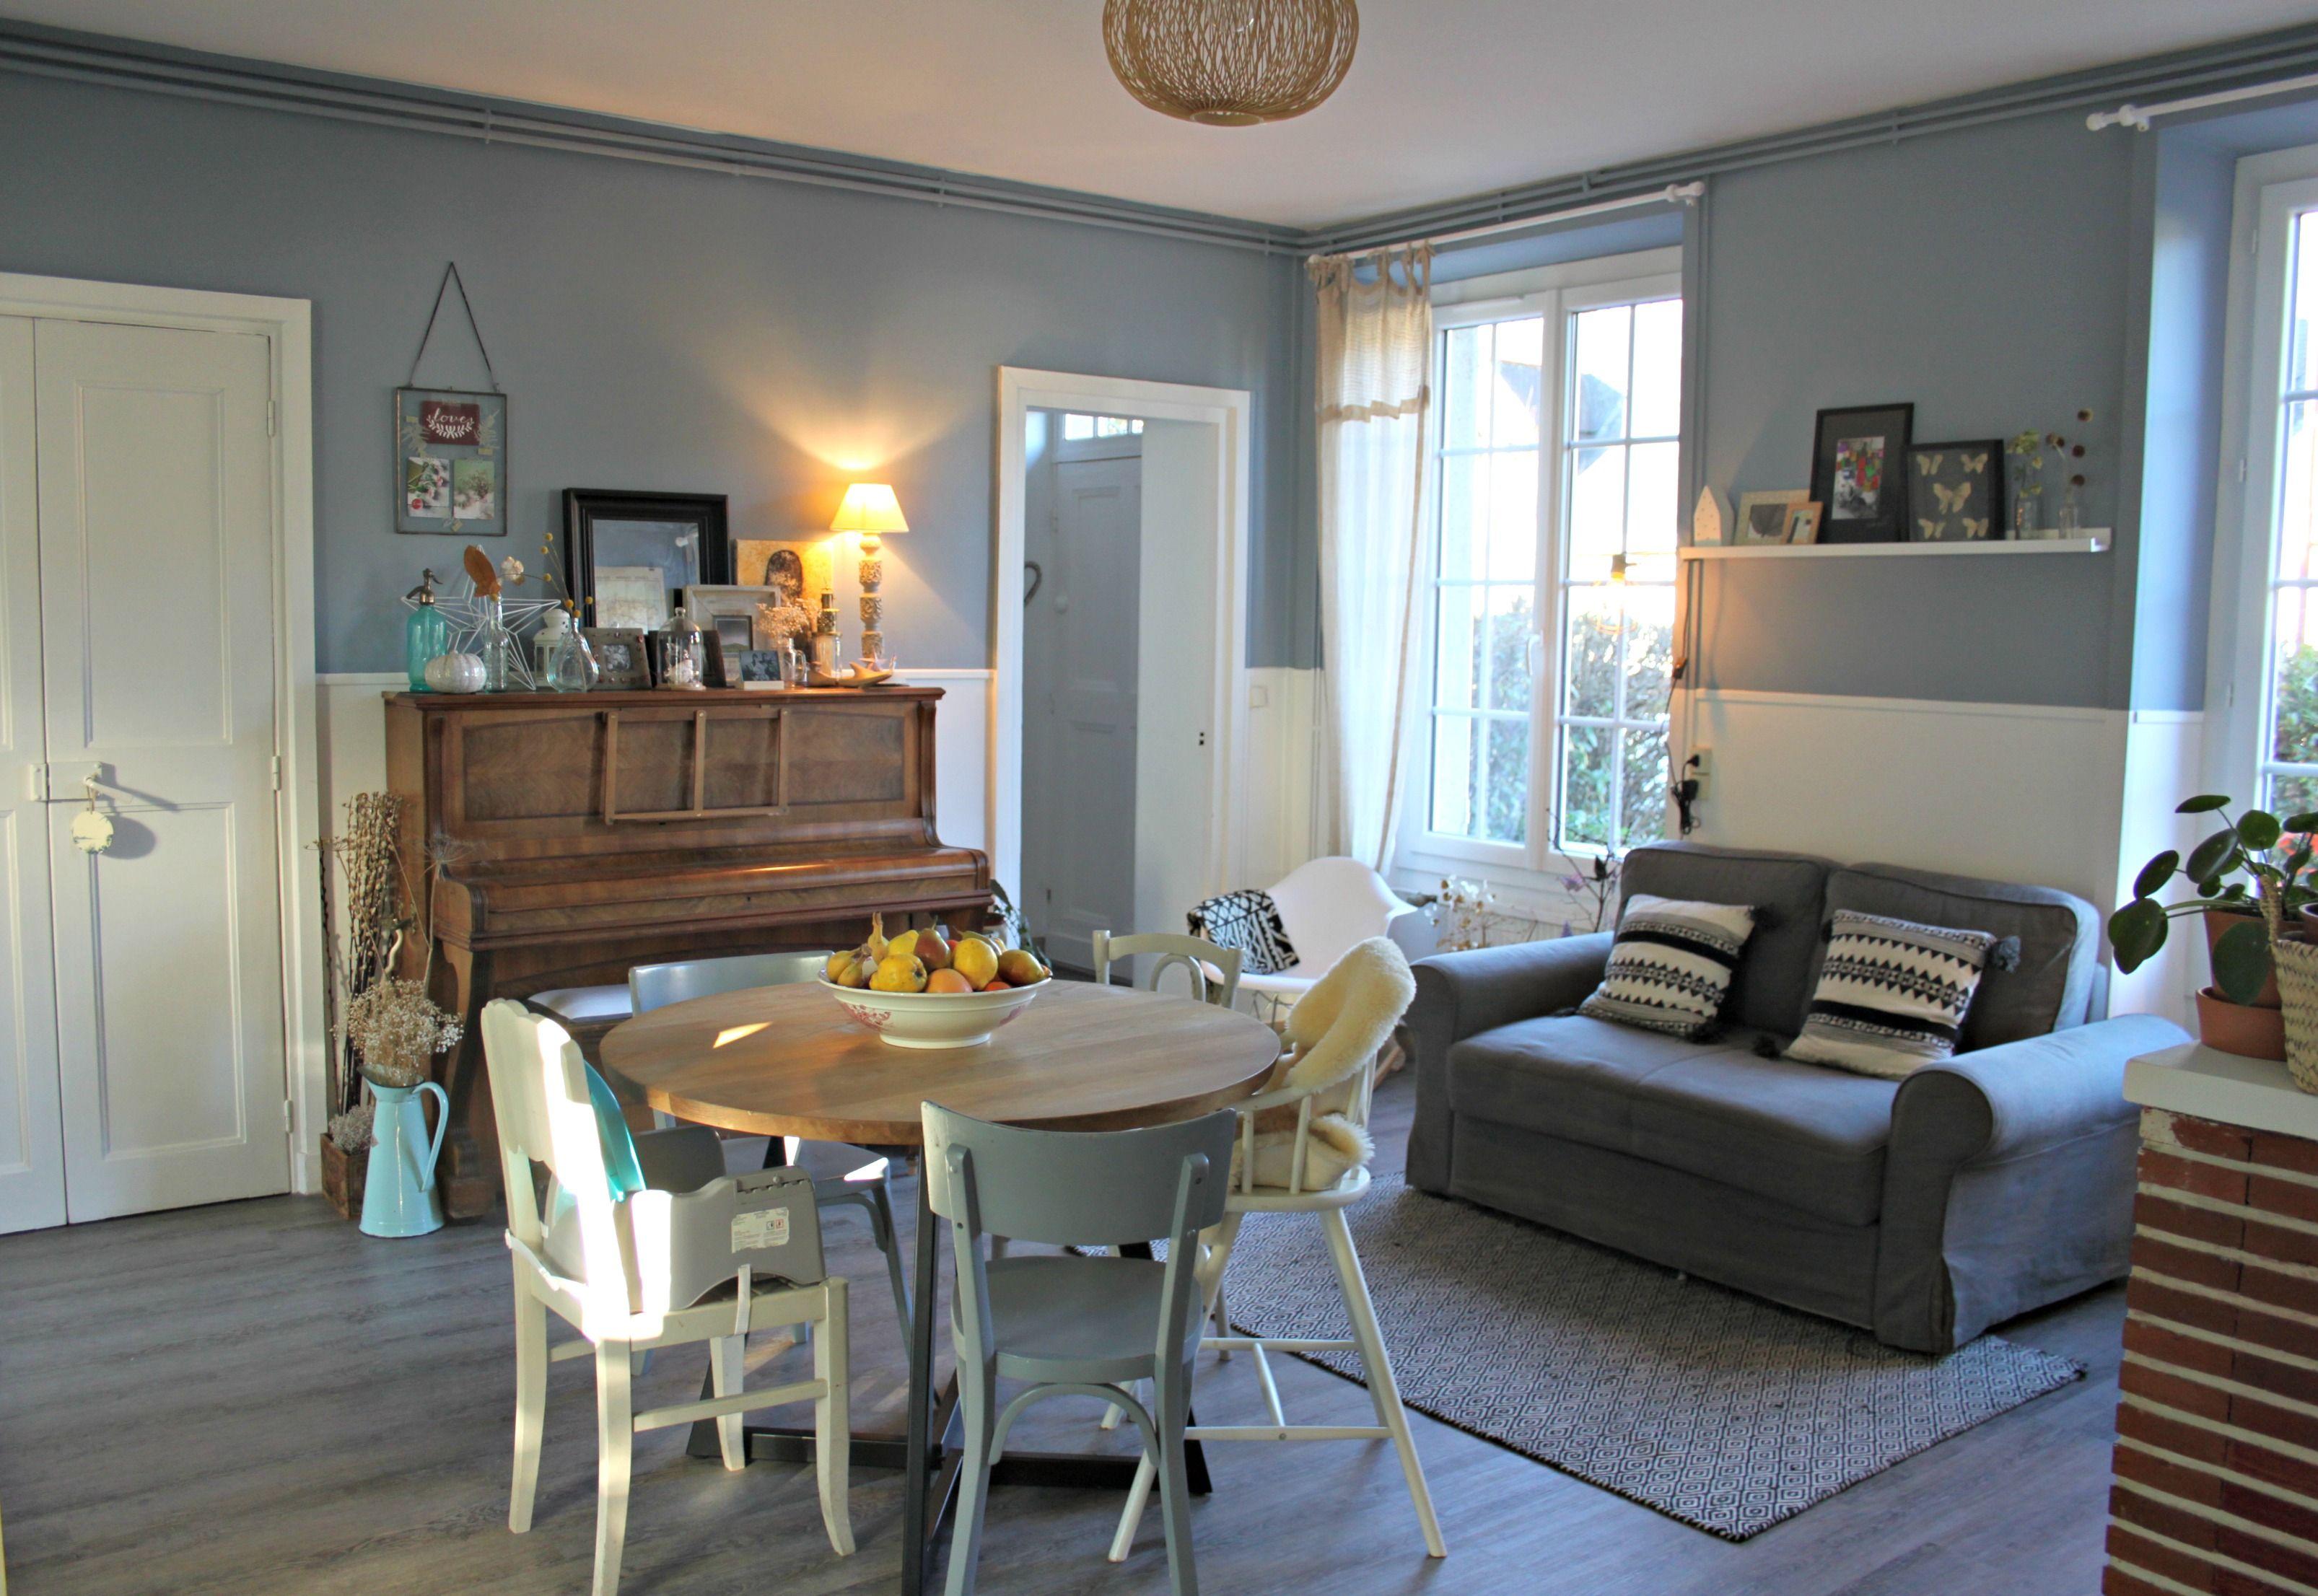 S jour salon vintage mur bleu gris chemin e tag re r cup for Salon sejour gris